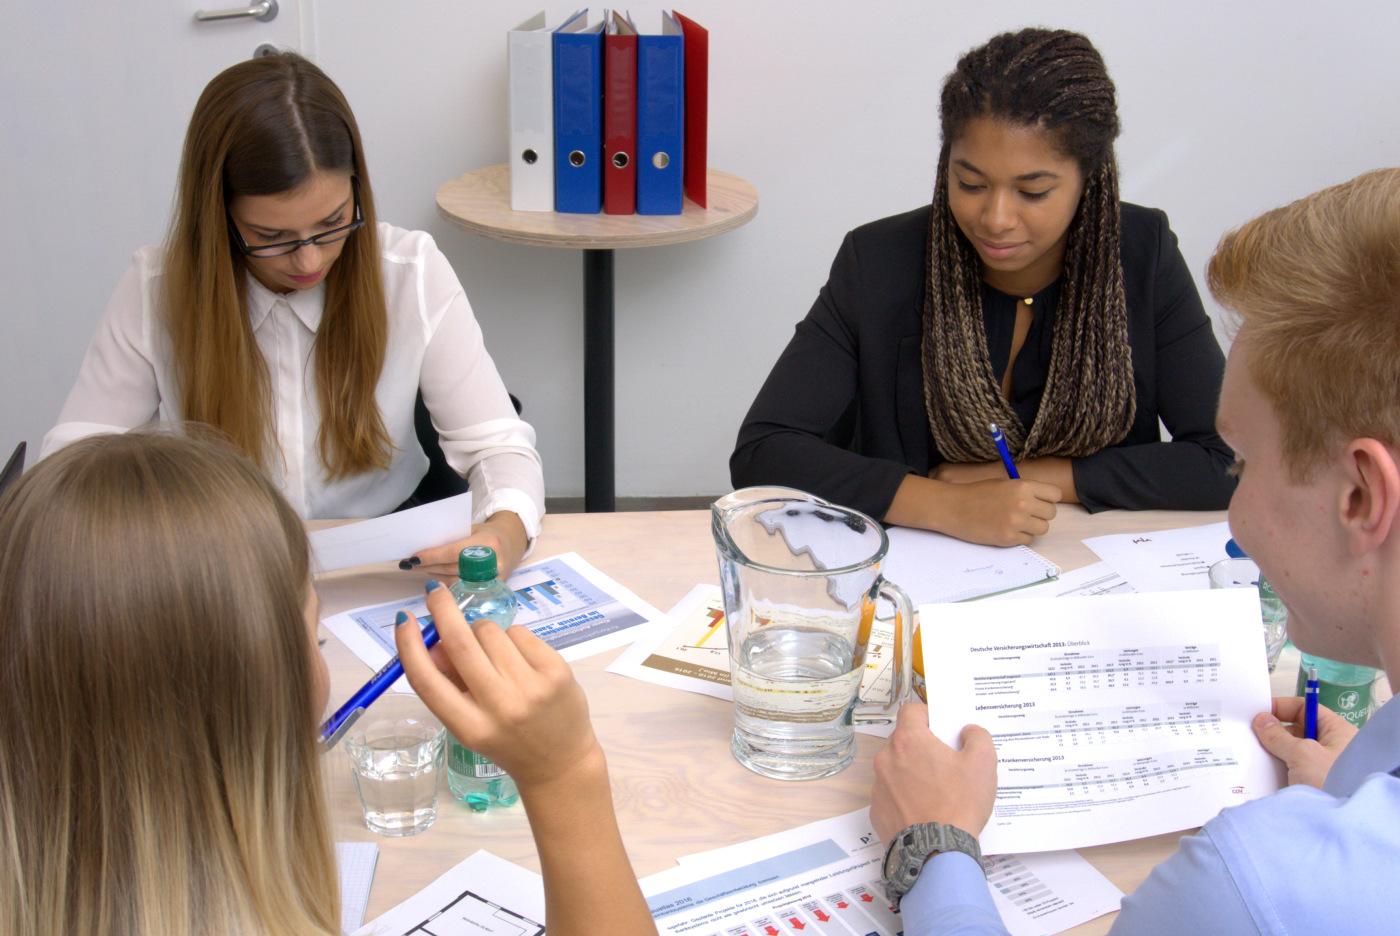 4 junge Leute arbeiten gemeinsam an einem Tisch